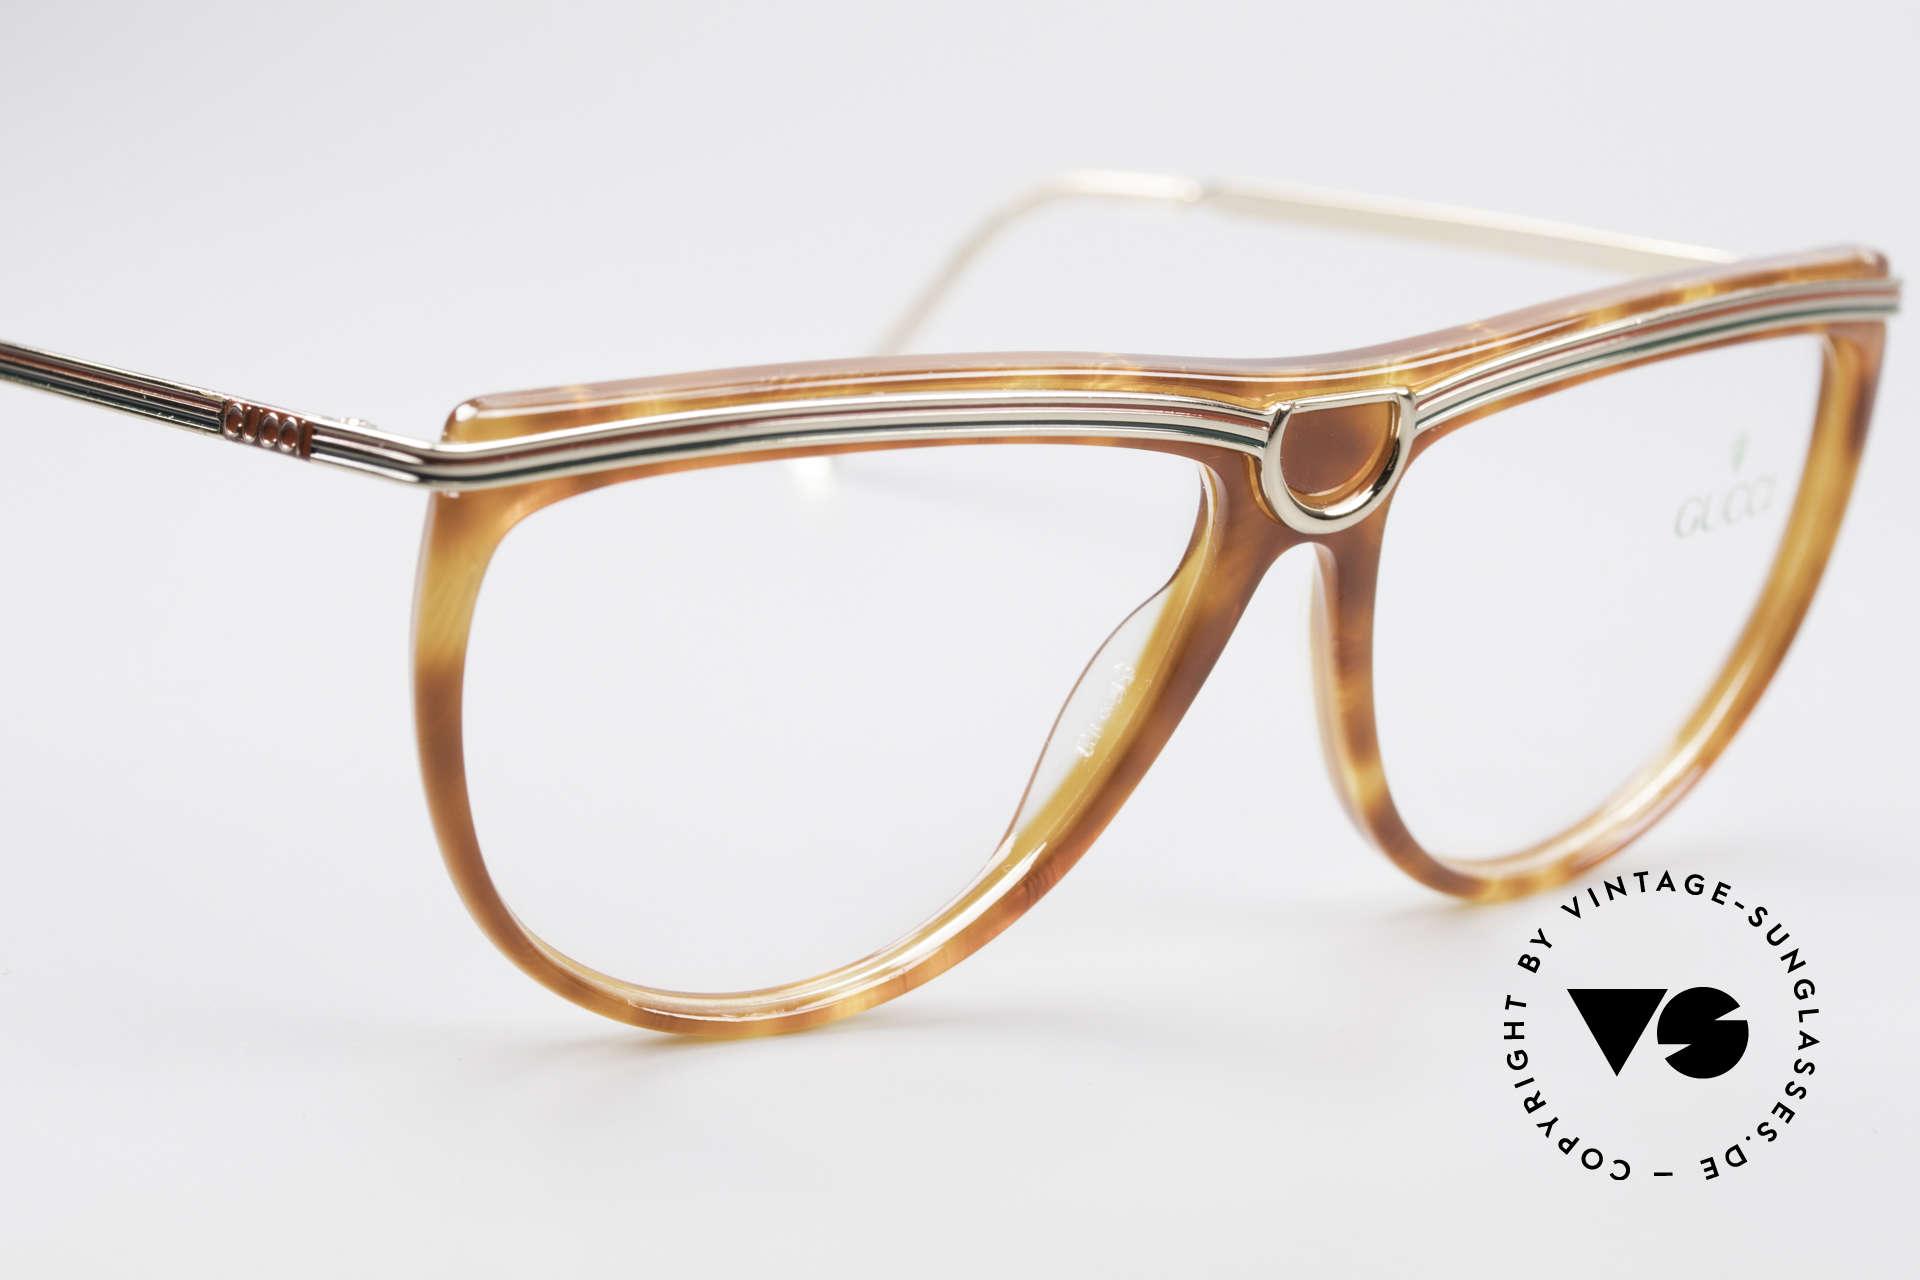 Gucci 2303 Vintage Damenbrille 80er, KEINE Retrobrille; ein altes einzigartiges Original, Passend für Damen